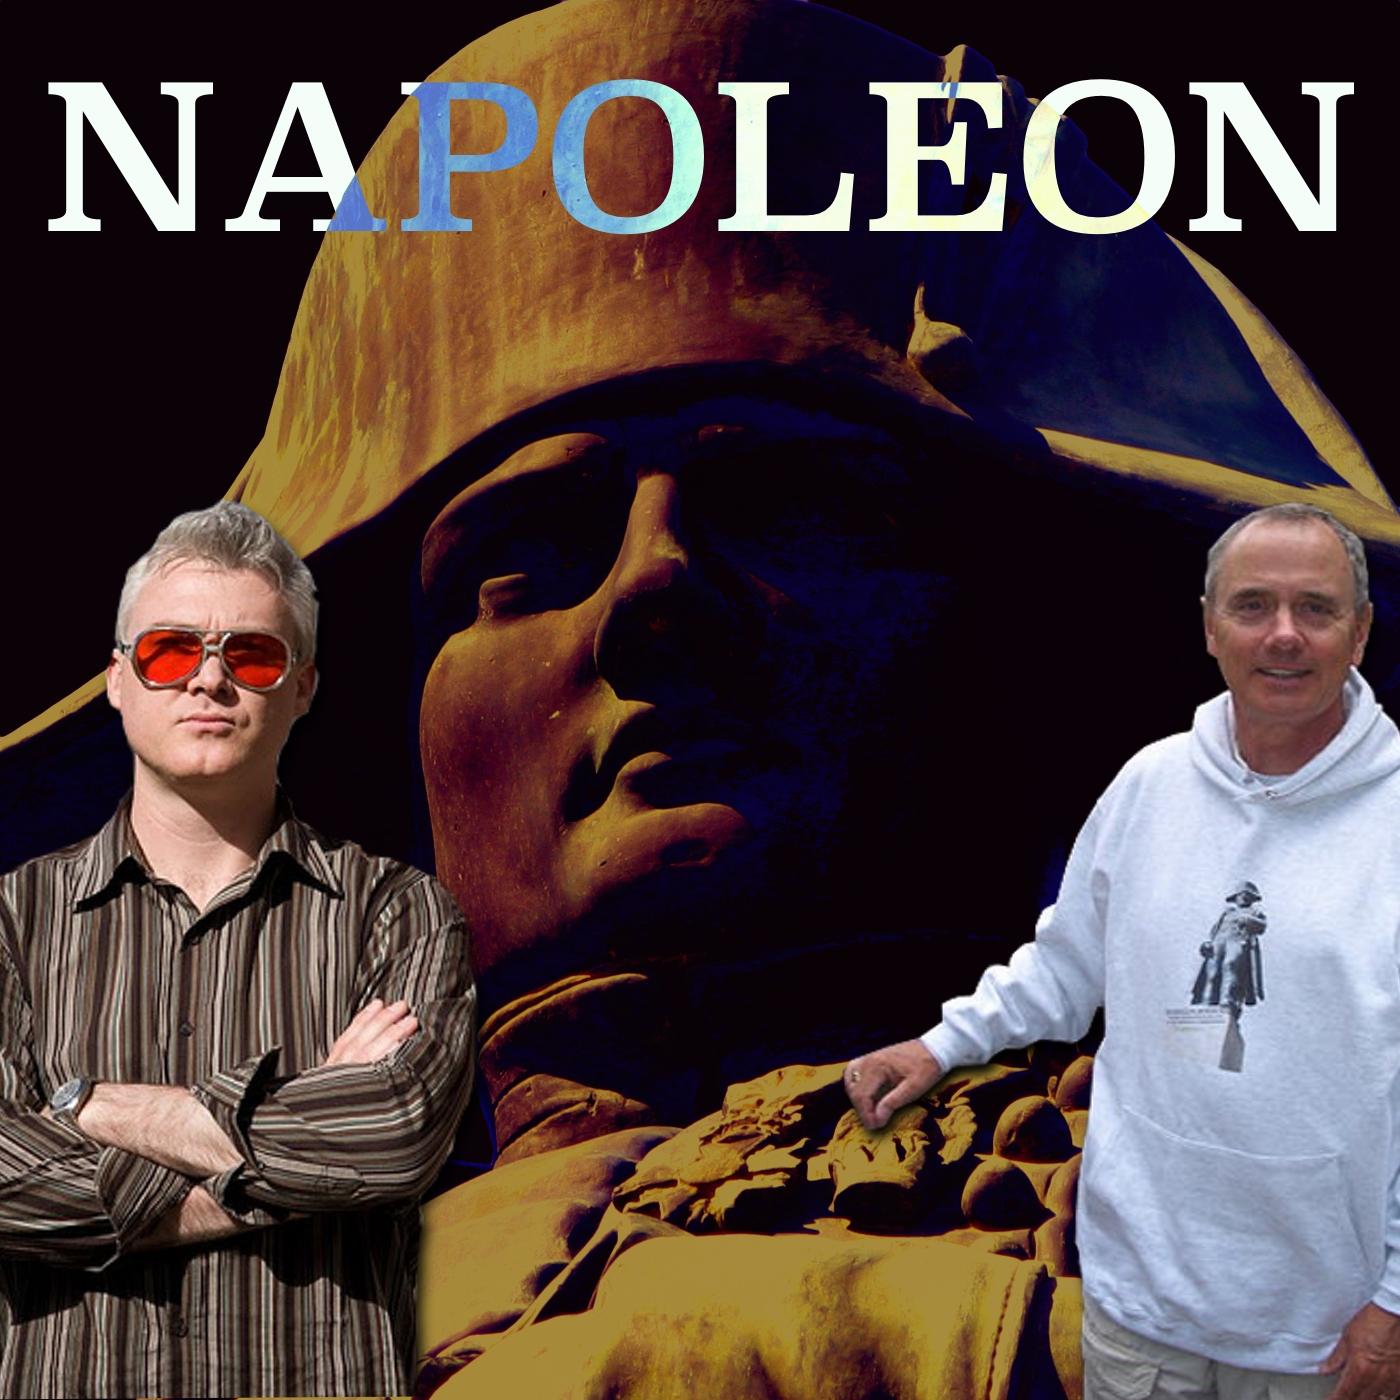 The Napoleon Bonaparte Podcast